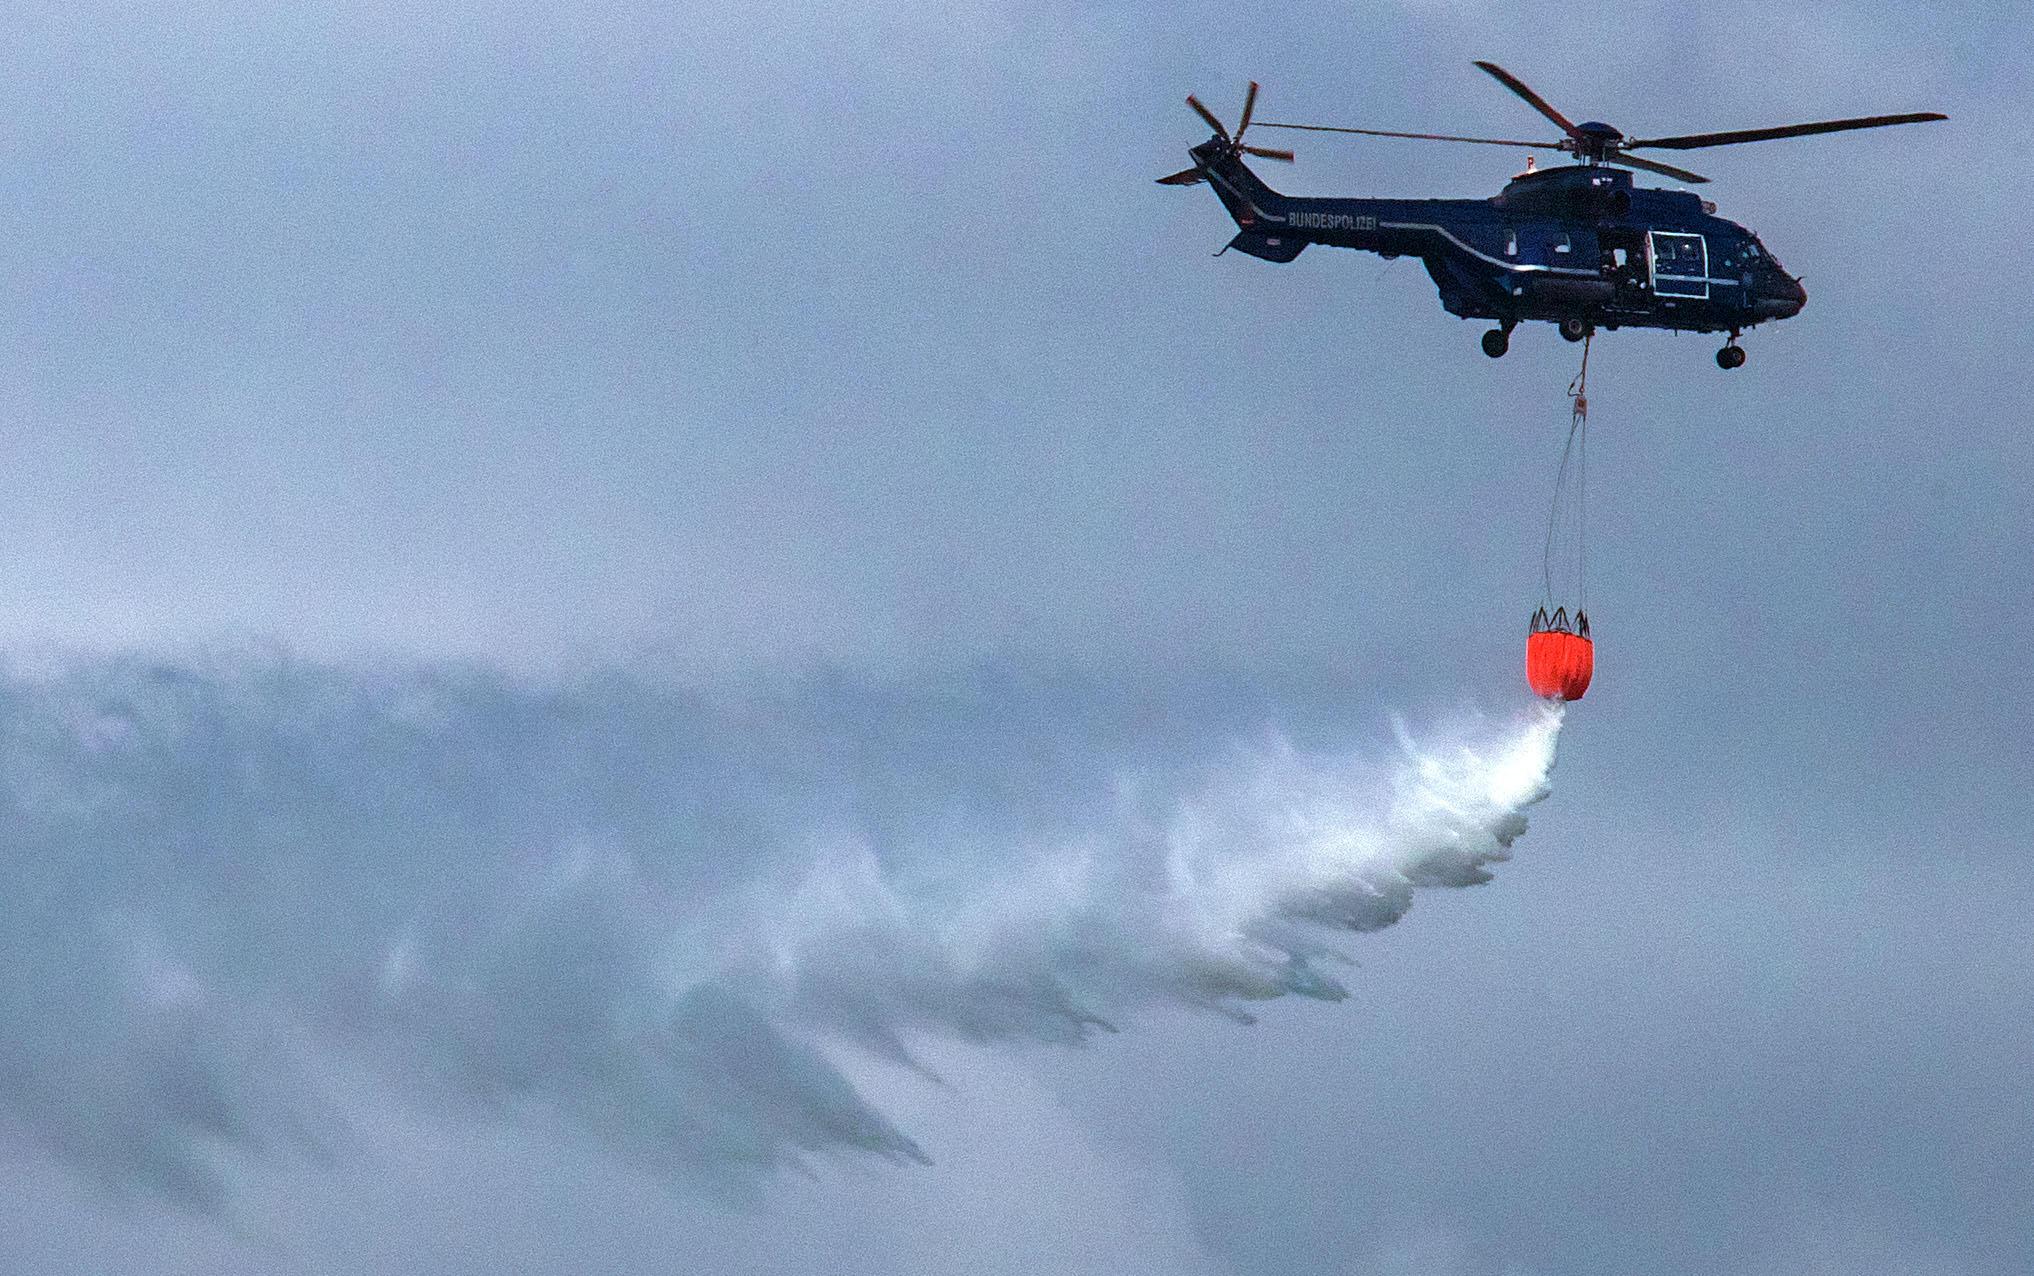 """Colombia, troppi delitti a Buenaventura: il vescovo farà un maxi """"esorcismo"""" con l'elicottero e acqua santa sulla città"""